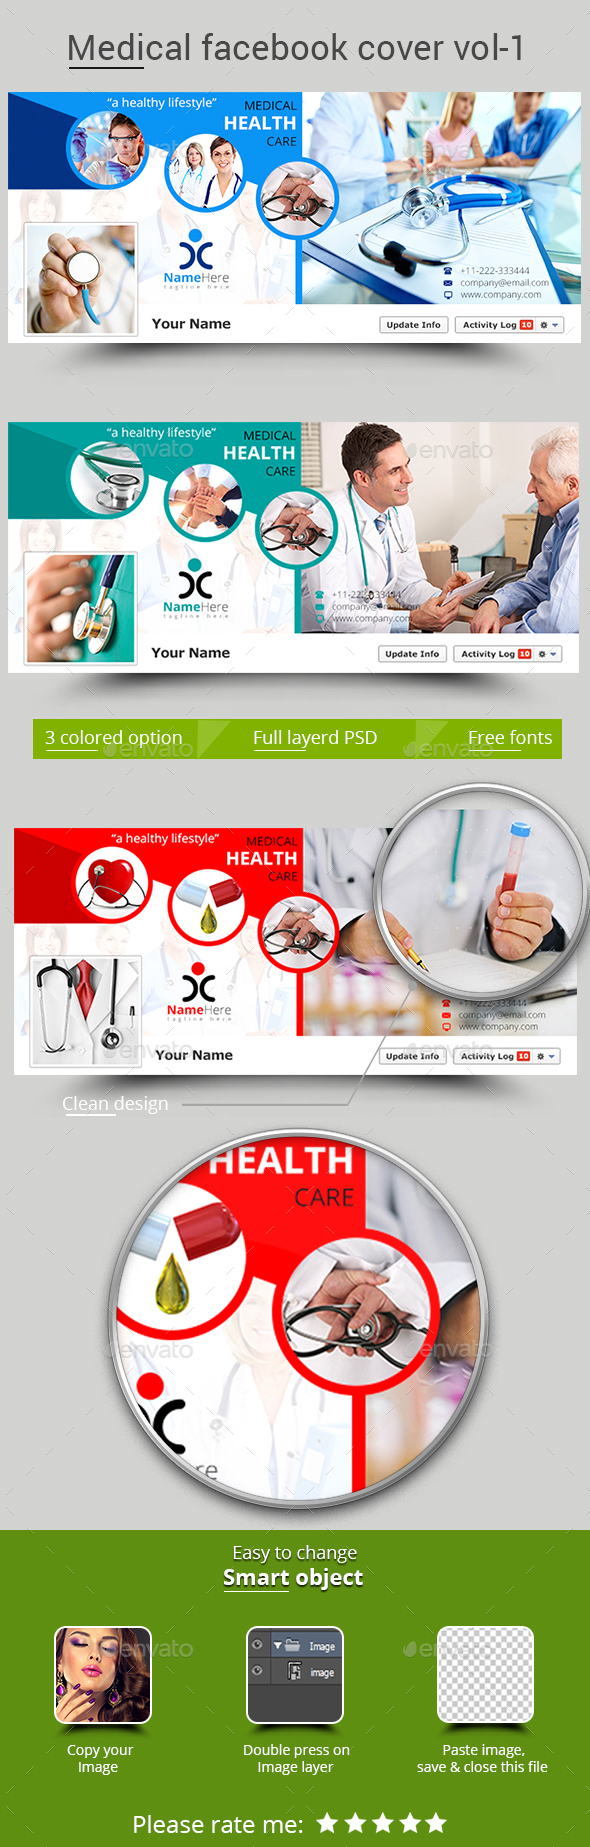 Medical Facebook Cover Vol-1 - Facebook Timeline Covers Social Media